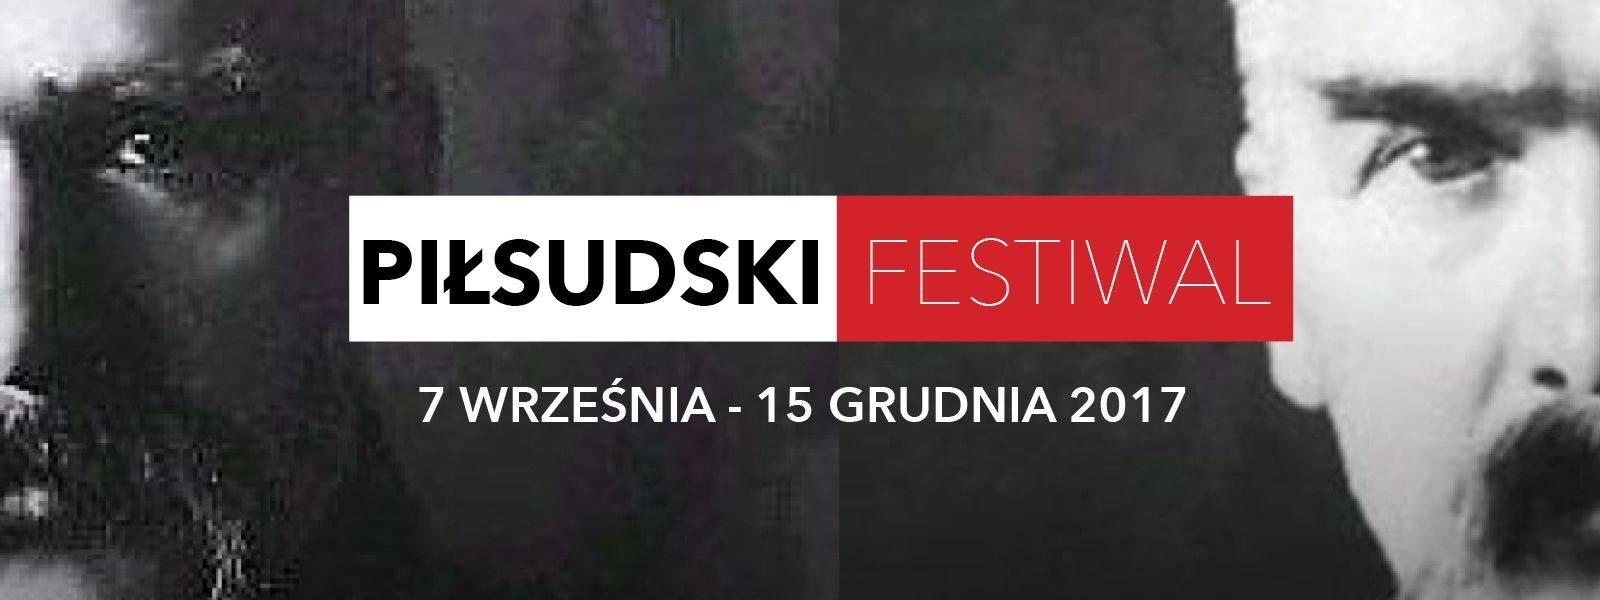 pilsudskifestiwal